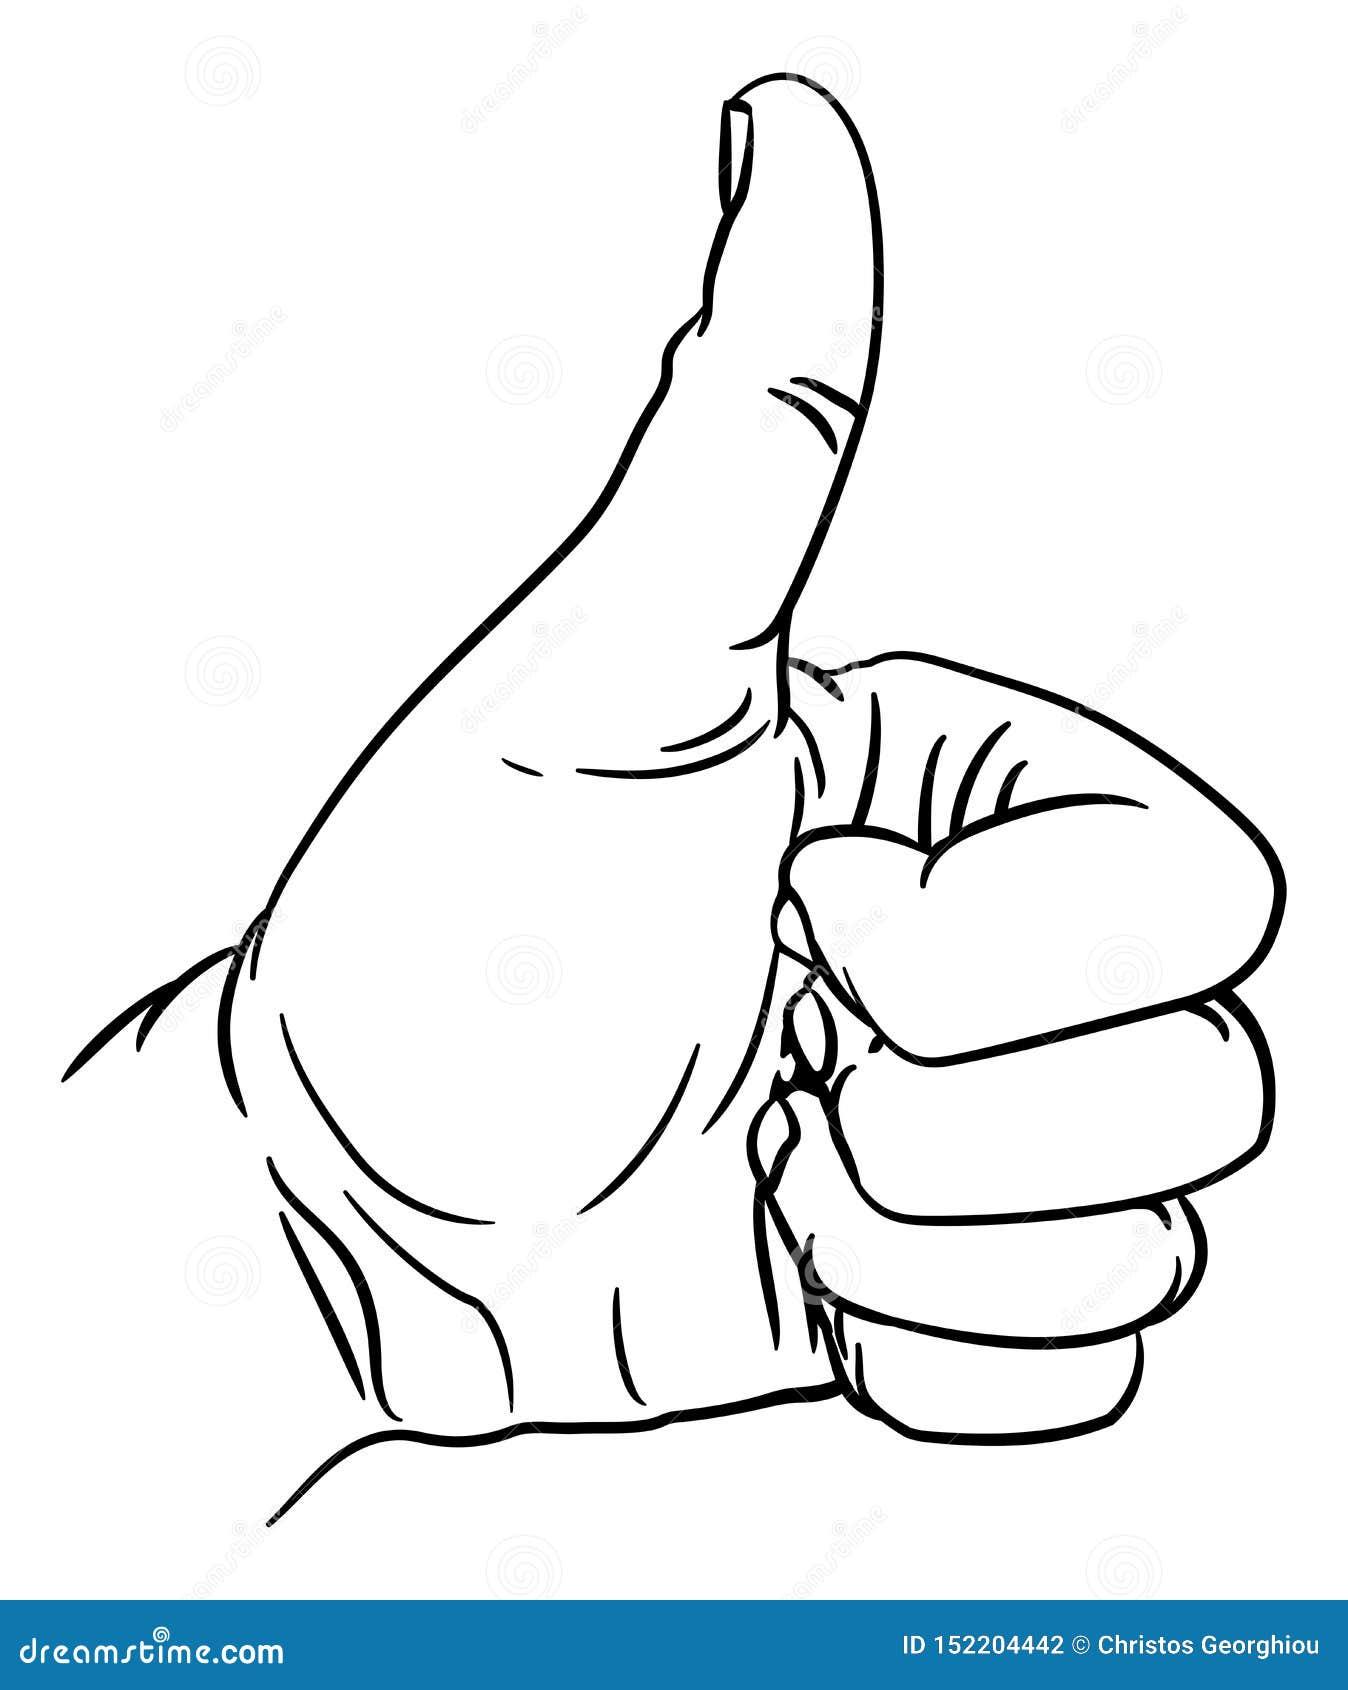 Handtummar gör en gest upp tummen ut fingrar i näve